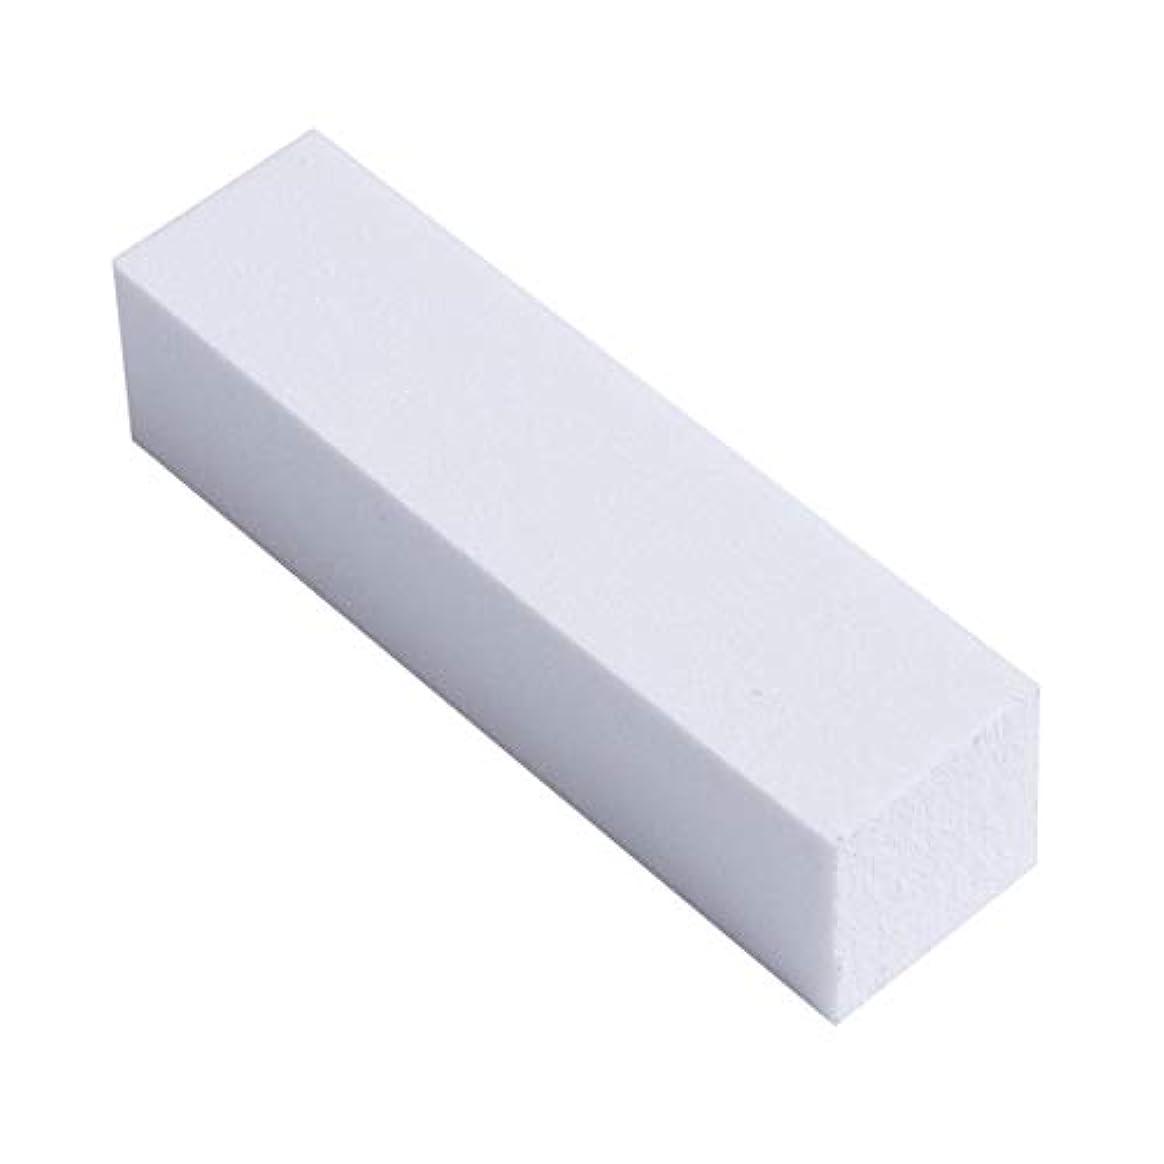 一貫性のないトラフ葉を拾う爪やすり 爪磨き ネイルケア ネイルファイル ネイルシャイナ スポンジ つめみがき バッファー 4面タイプ 光沢出し 10本セット